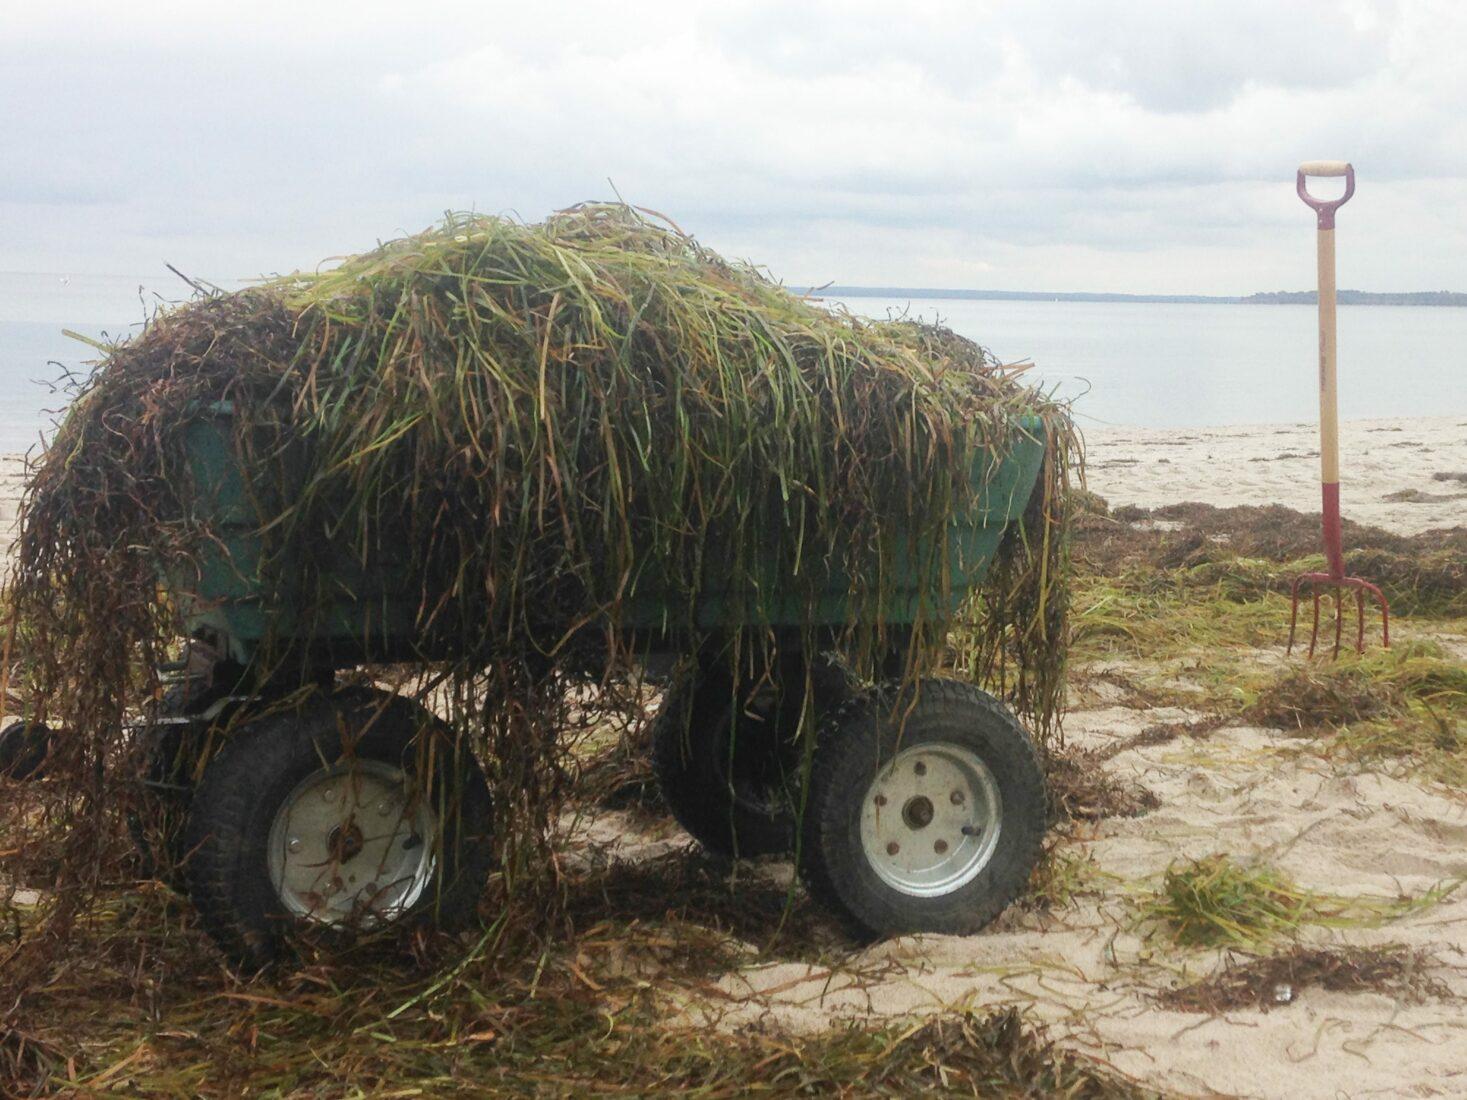 Nützliches Strandgut: Frisches Seegras aus der Ostsee. Foto: Seegrashandel.de